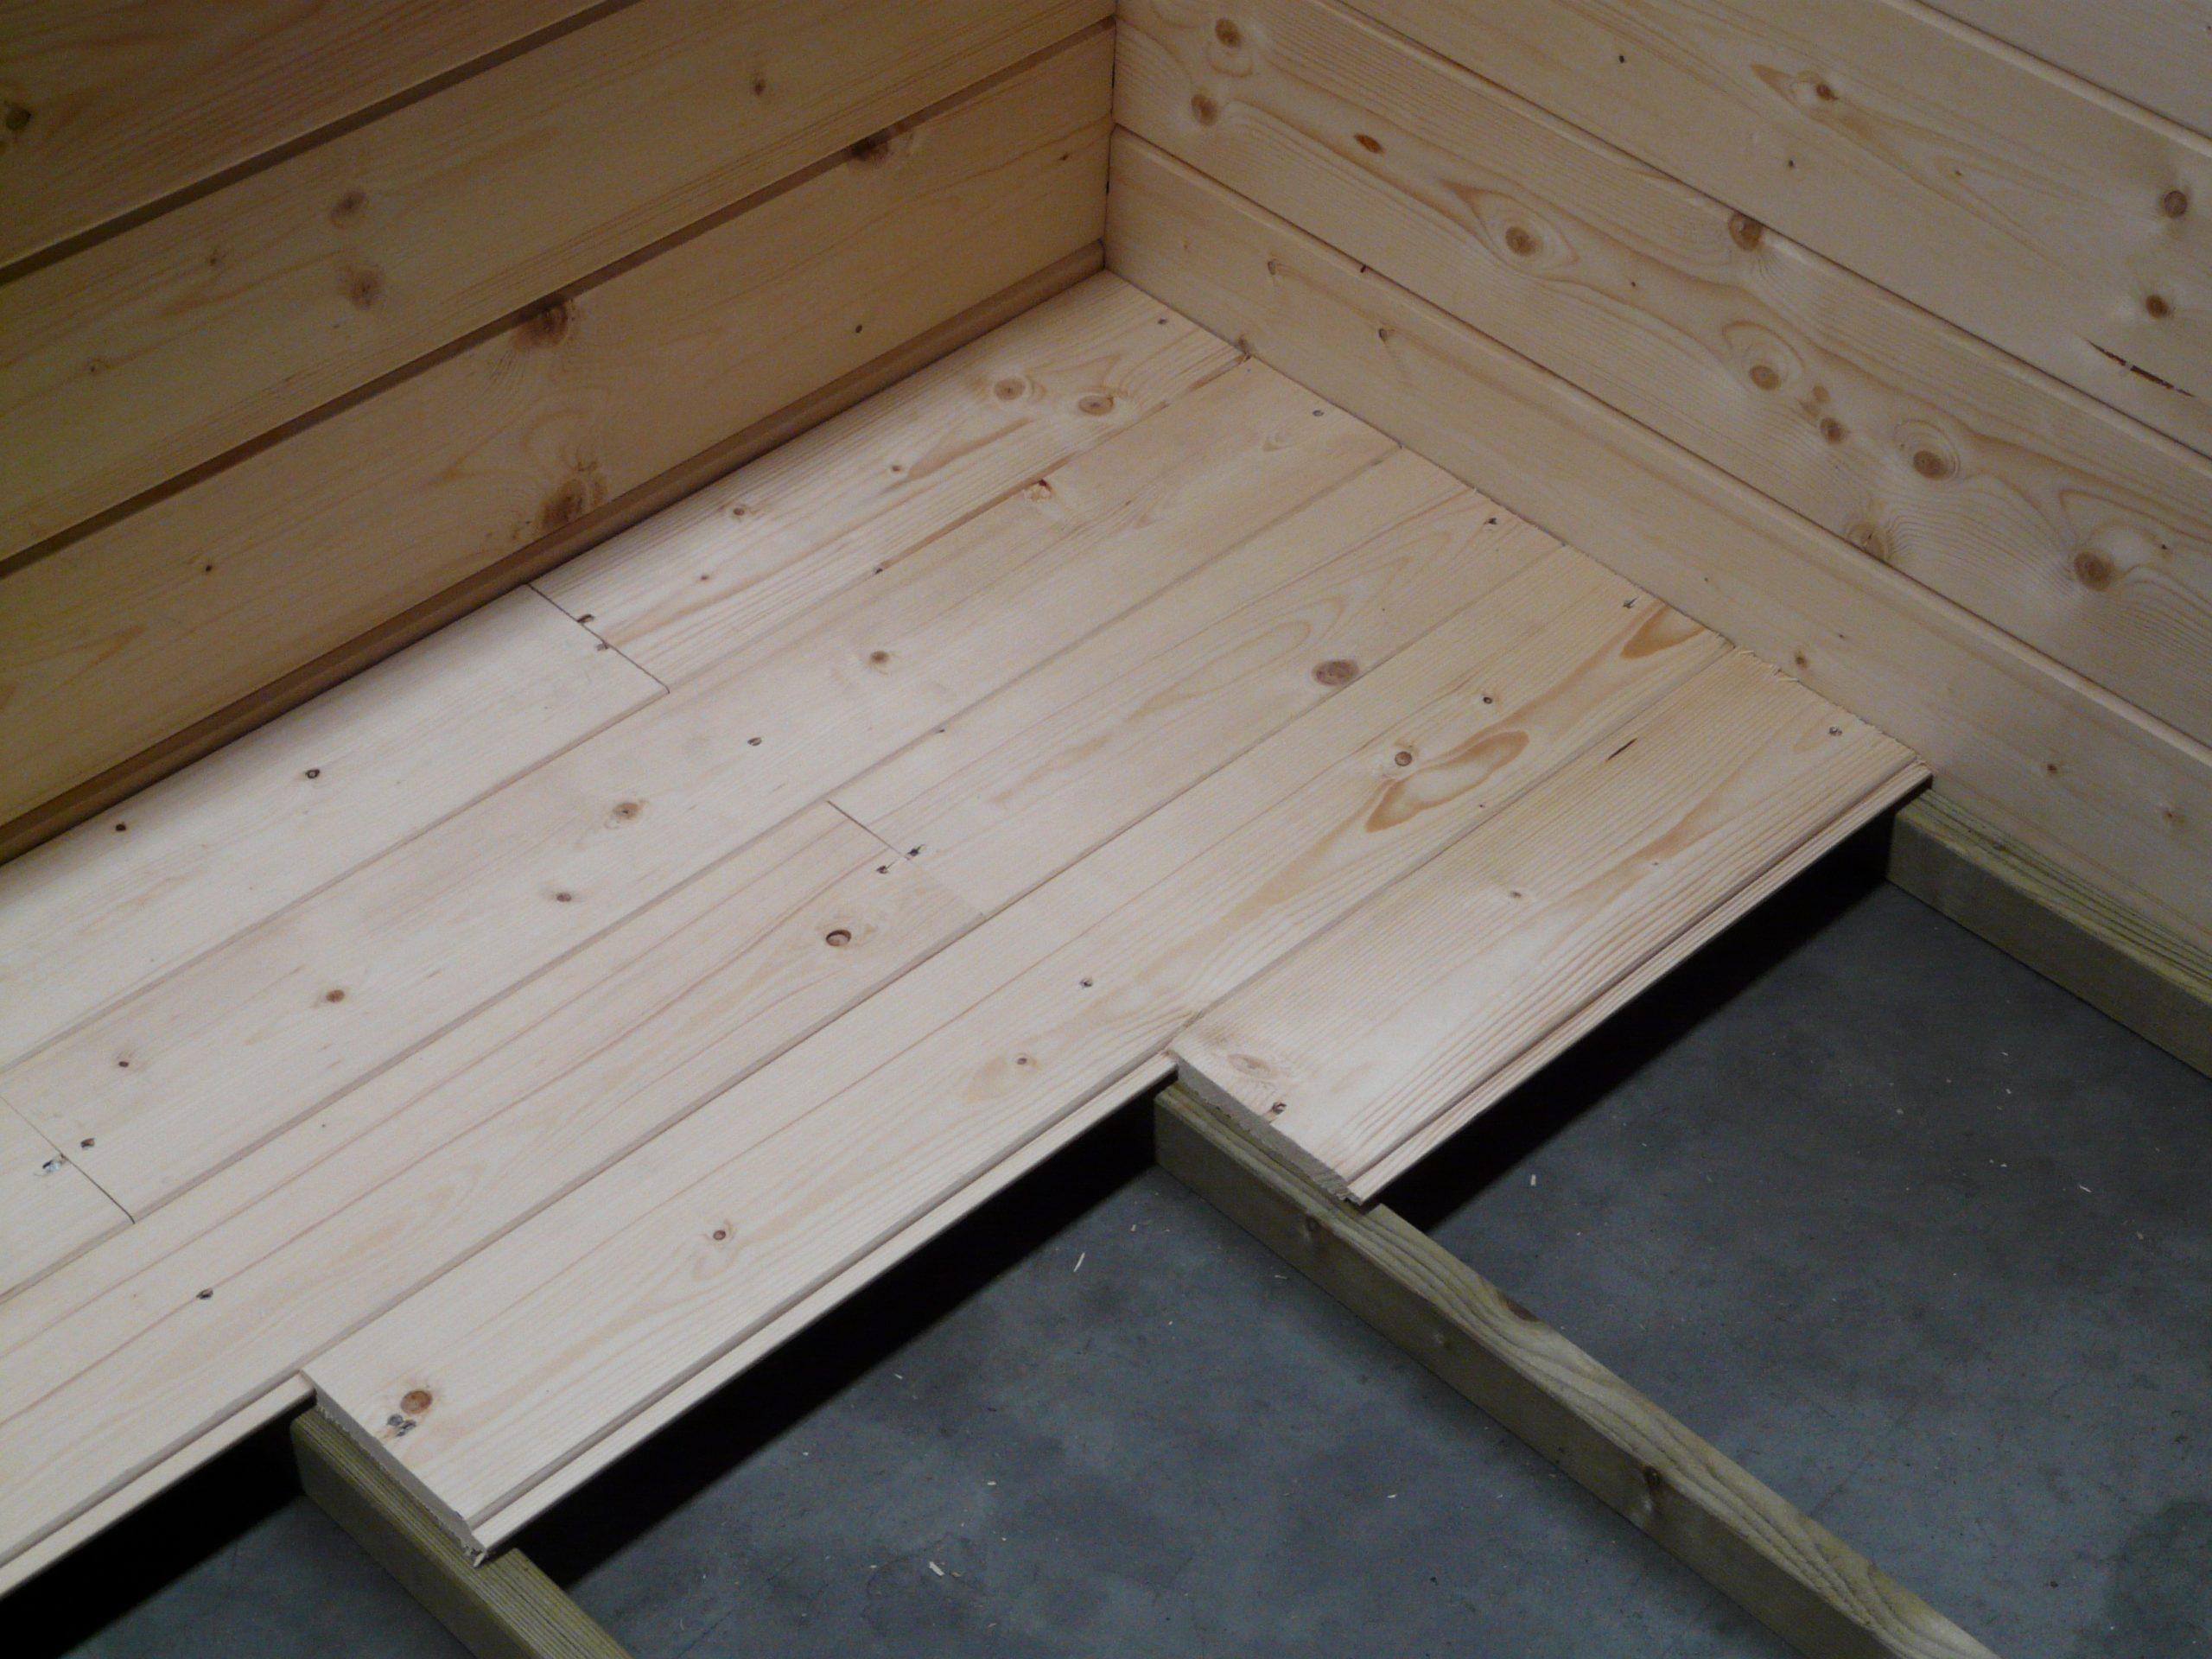 Plancher Pour Abri De Jardin 15 M² Solid - Mr.bricolage intérieur Plancher Pour Abri De Jardin